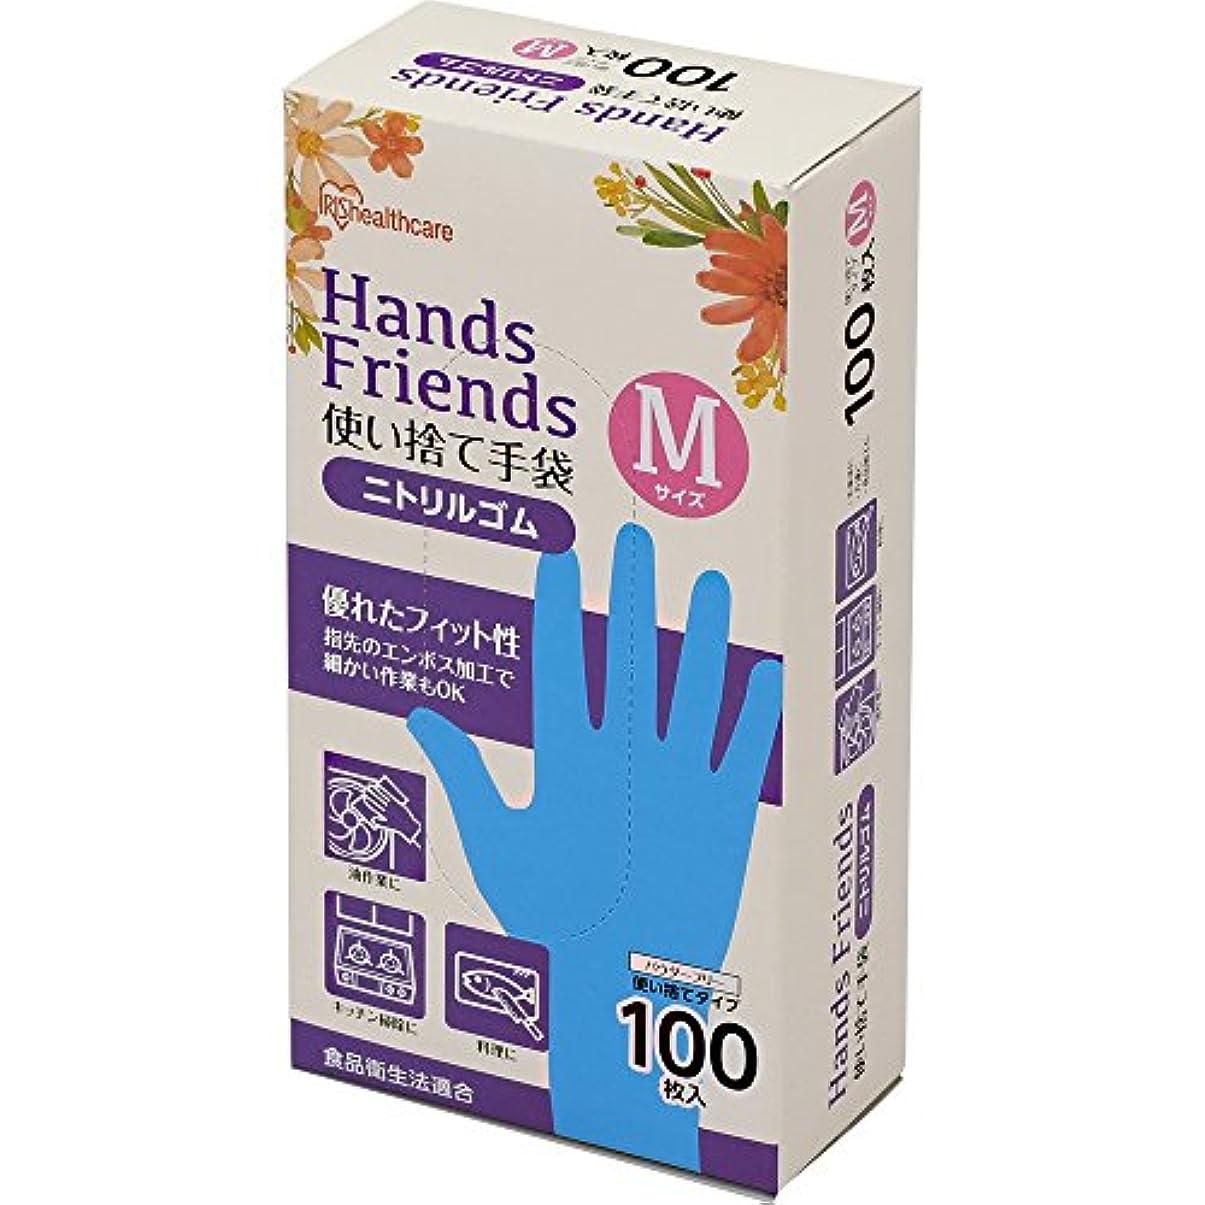 病着替えるうまれた使い捨て手袋 ブルー ニトリルゴム 100枚 Mサイズ NBR-100M